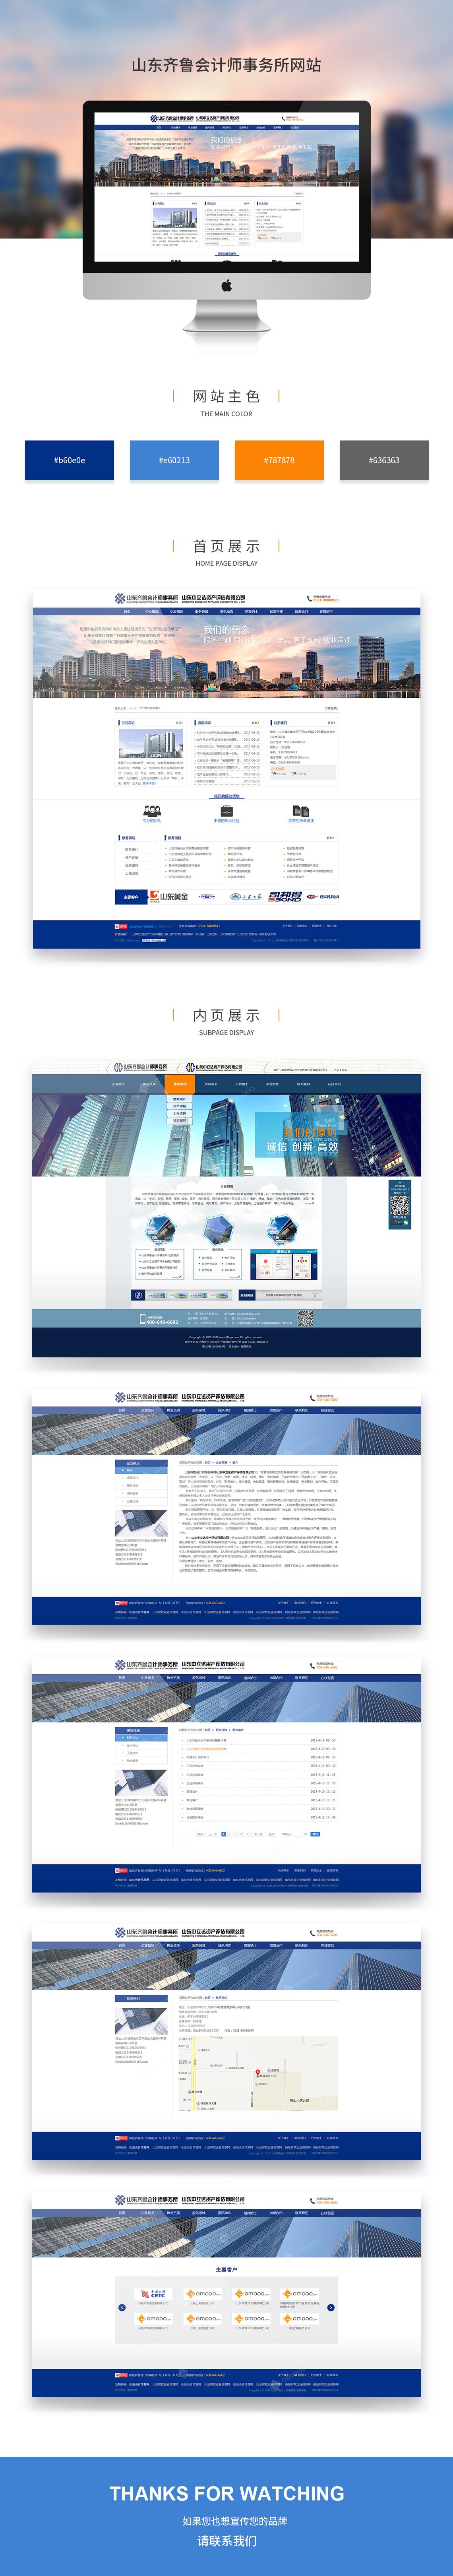 公司網站建設案例之齊魯會計事務所